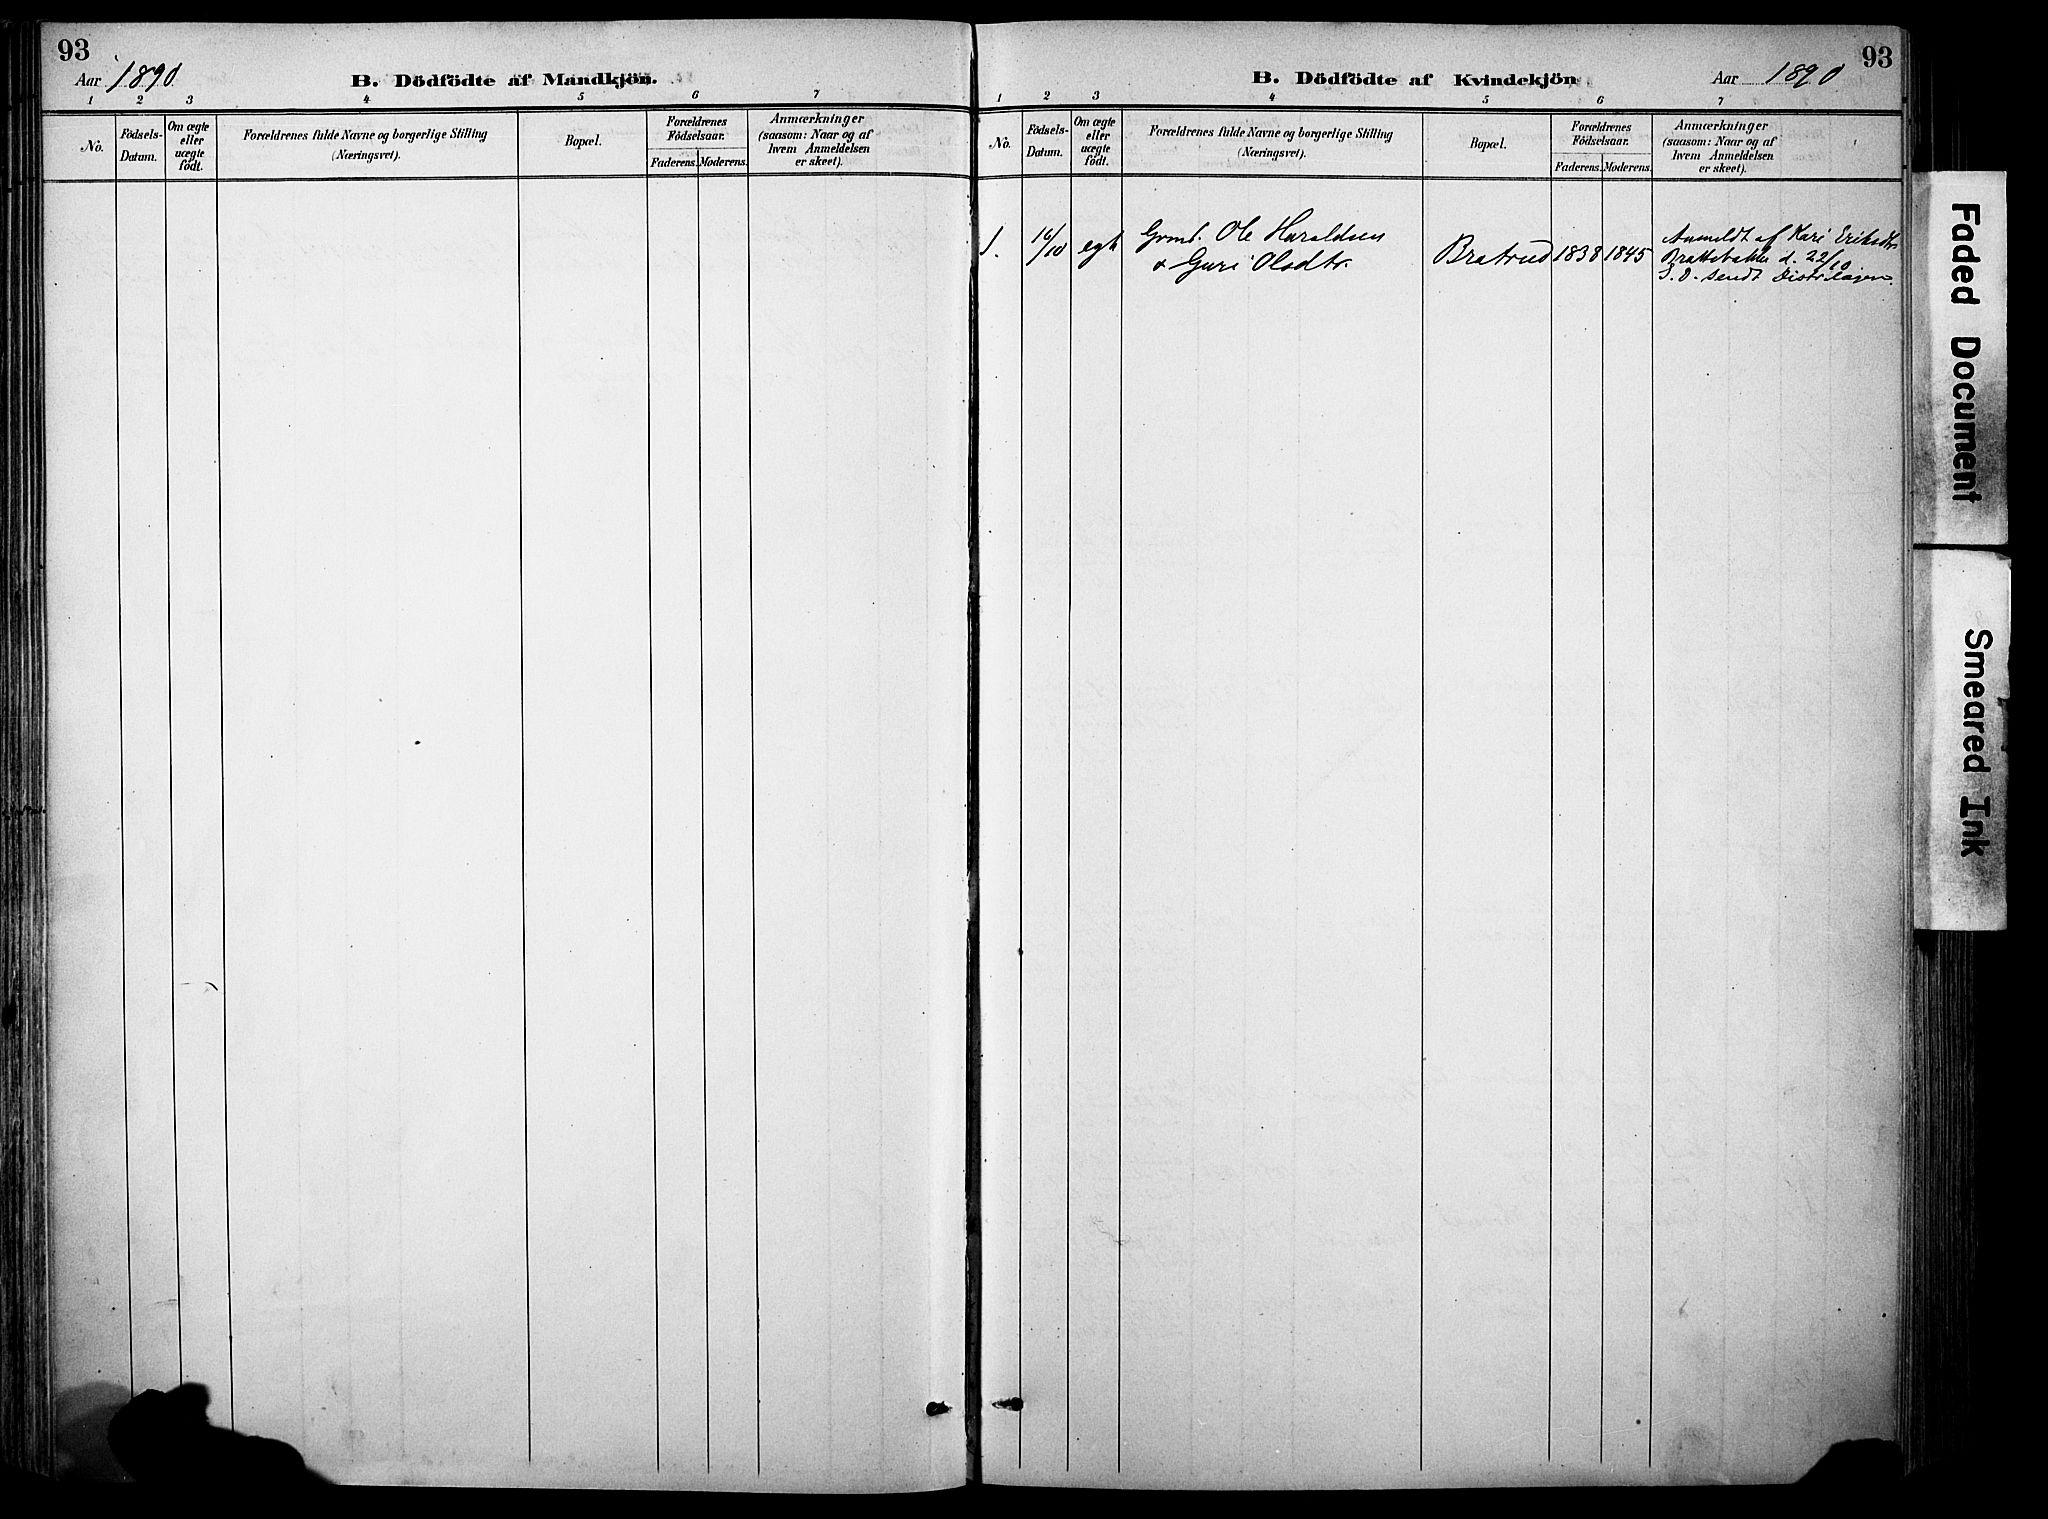 SAH, Sør-Aurdal prestekontor, Ministerialbok nr. 9, 1886-1906, s. 93